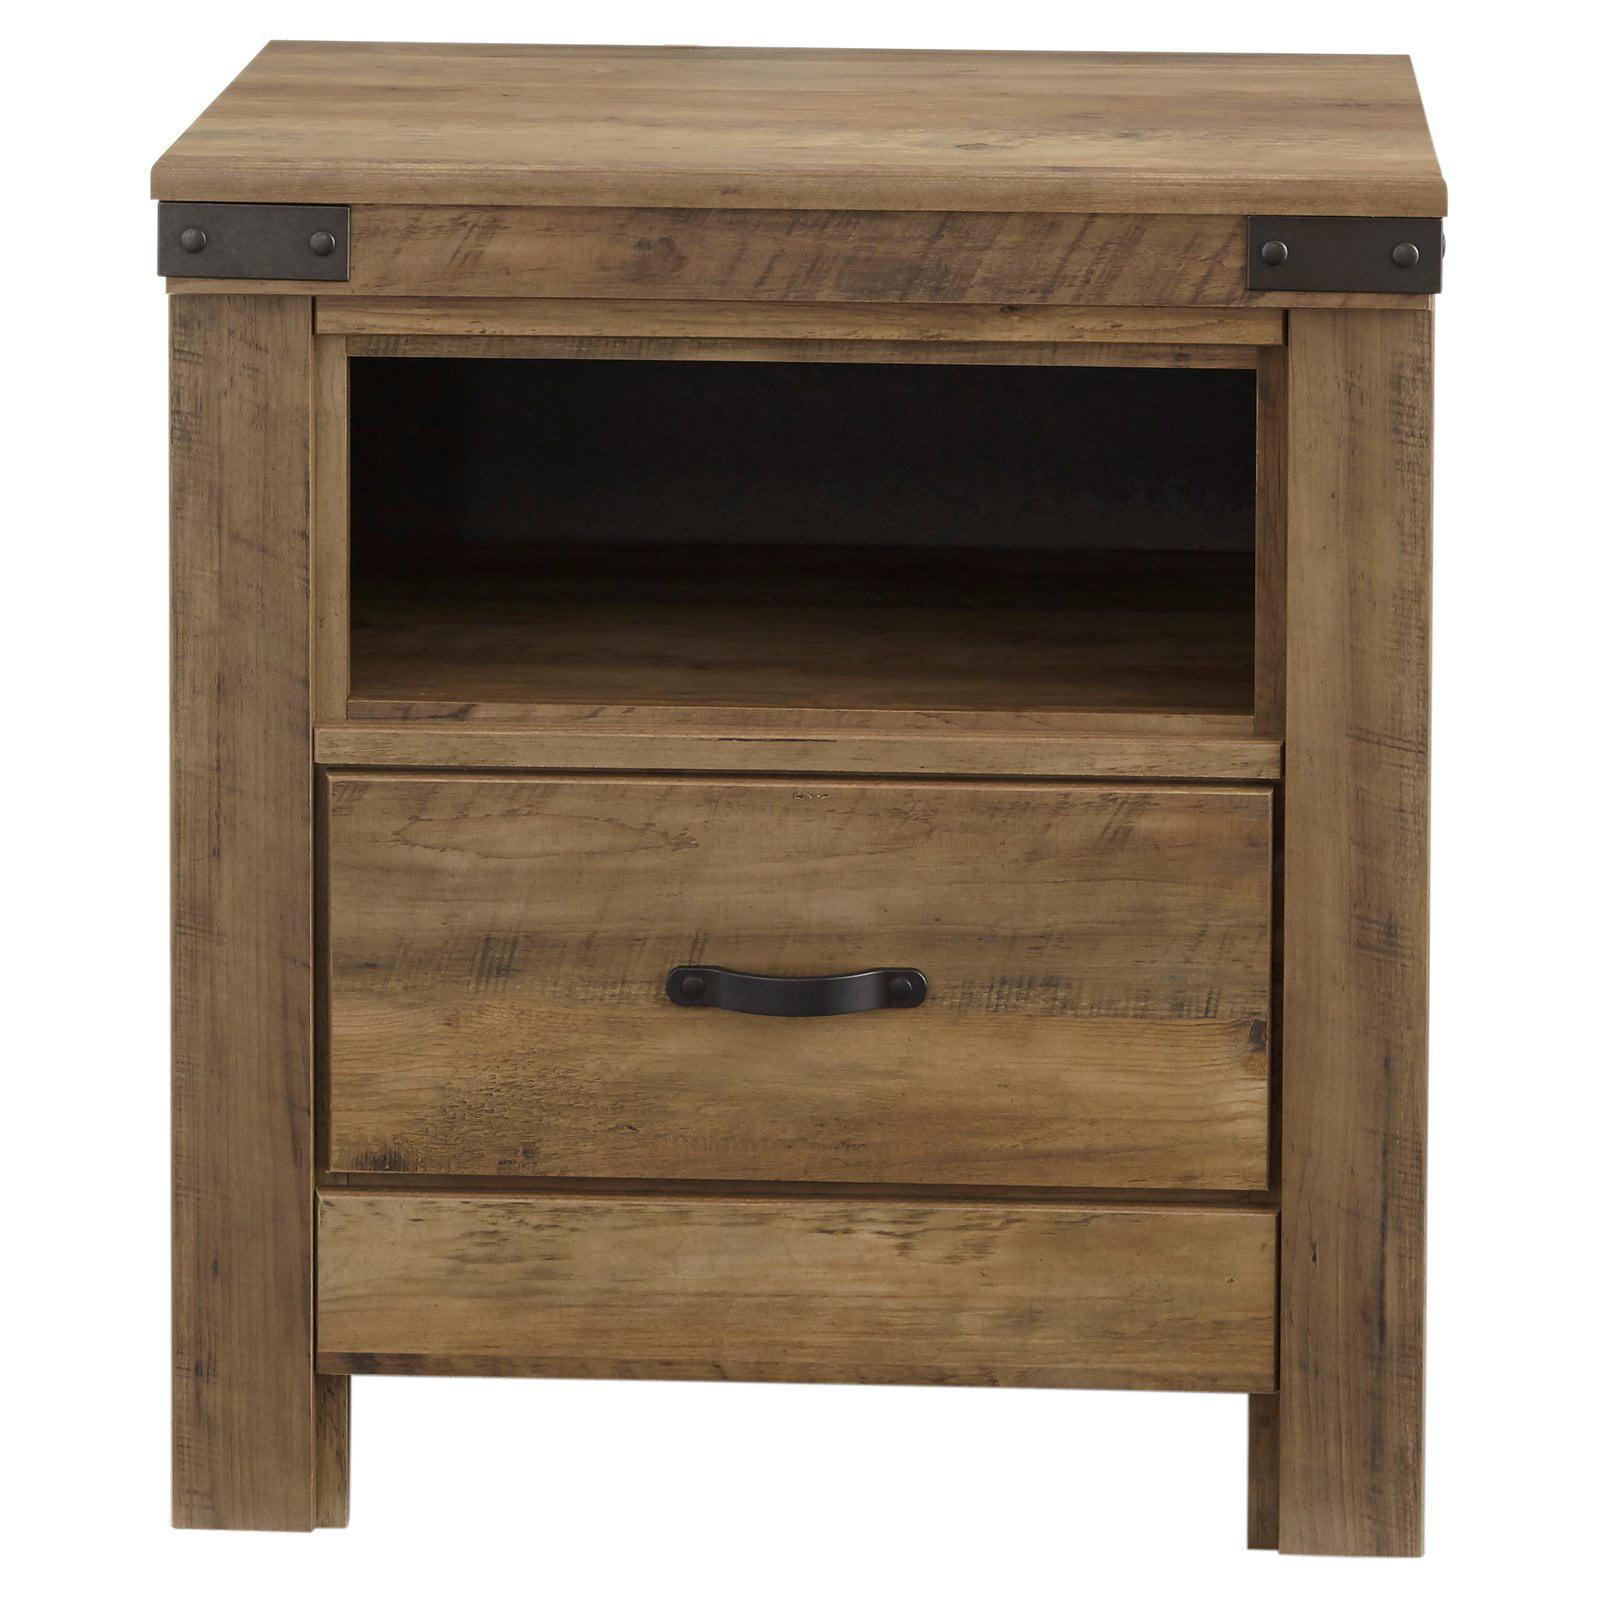 Standard Furniture Warren Youth 1 Drawer Nightstand - Golden Pine